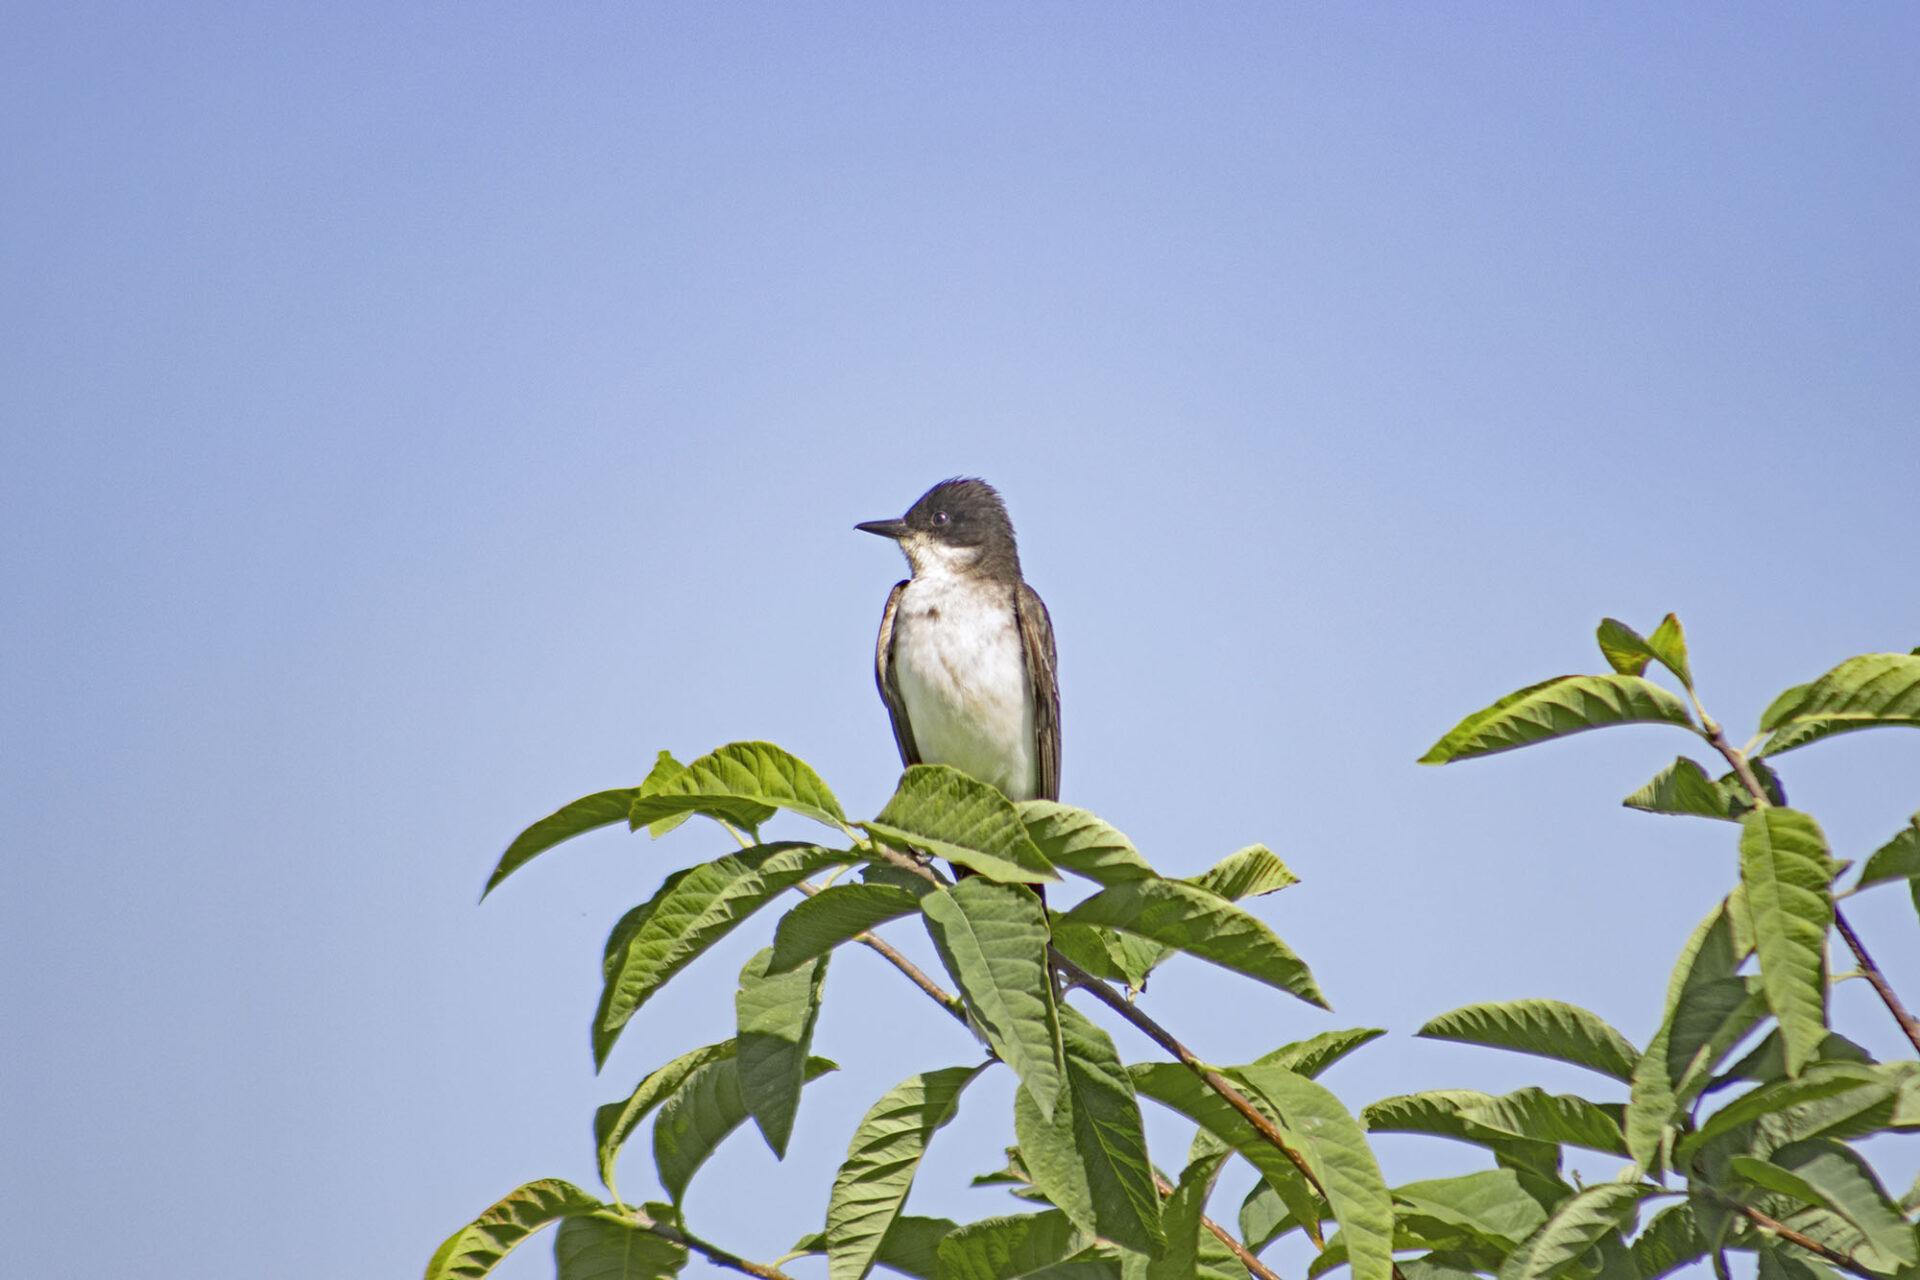 Eastern Kingbird, July 19, 2021